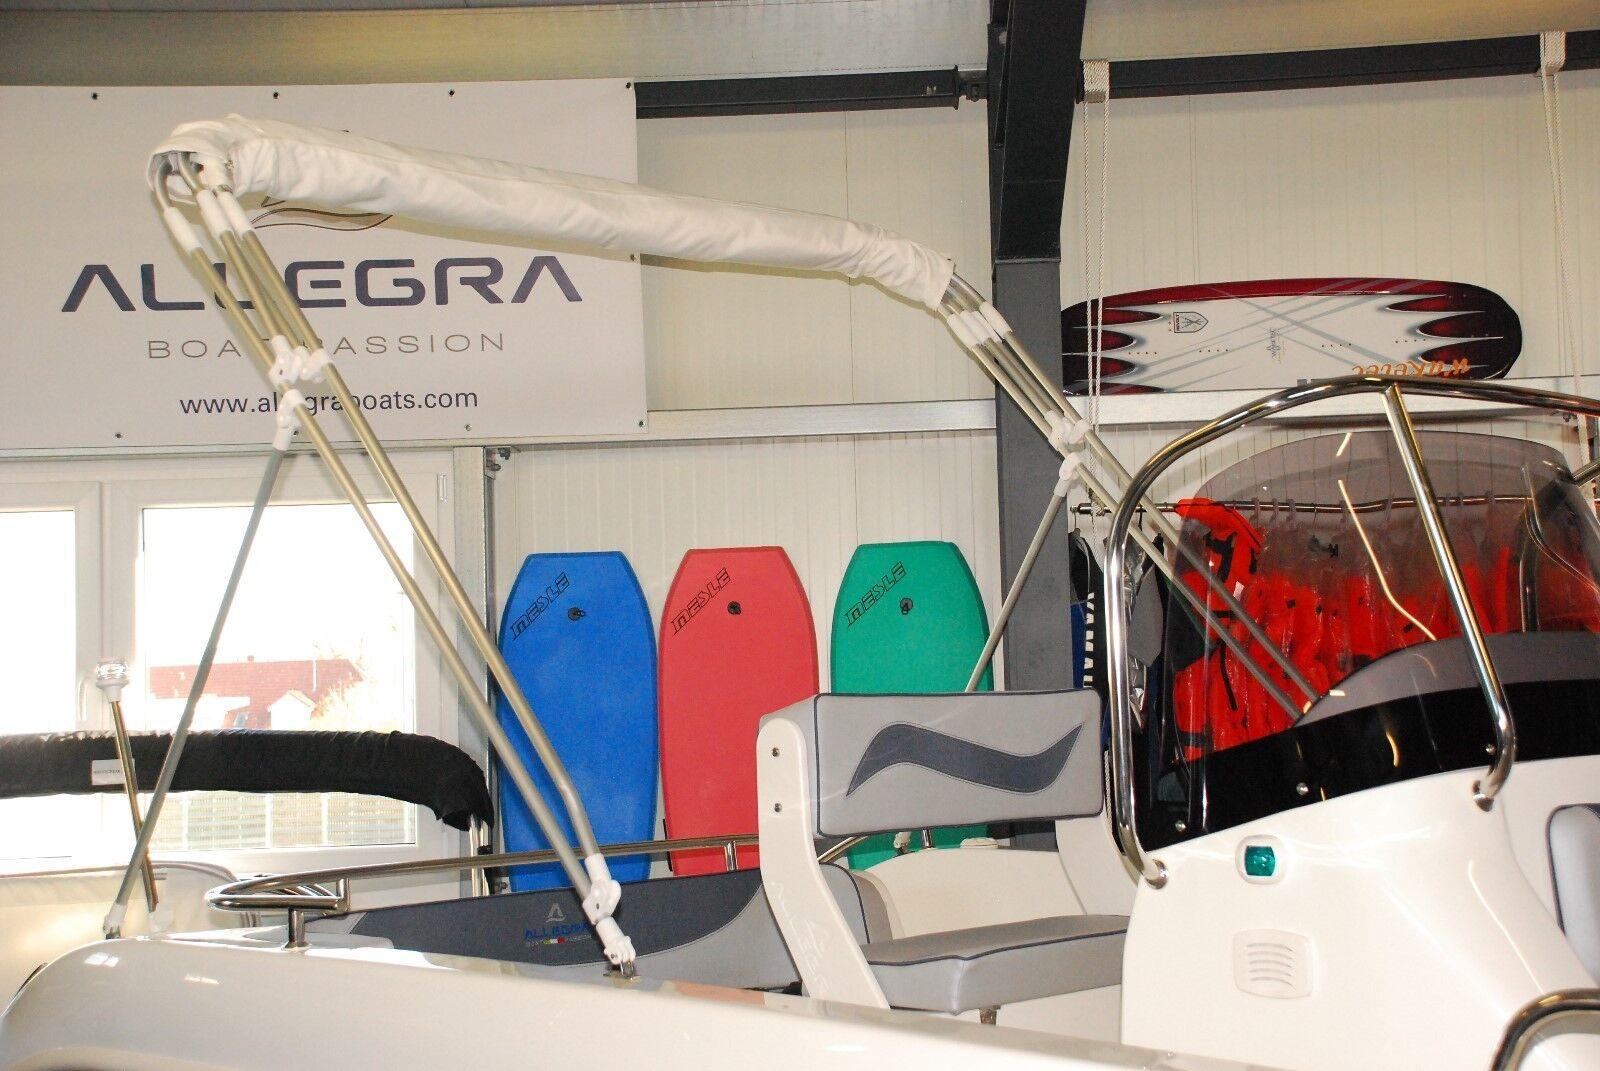 4 Light Stangen Bimini Top Light 4 165-175cm Breite 145cm Höhe 06a5d4